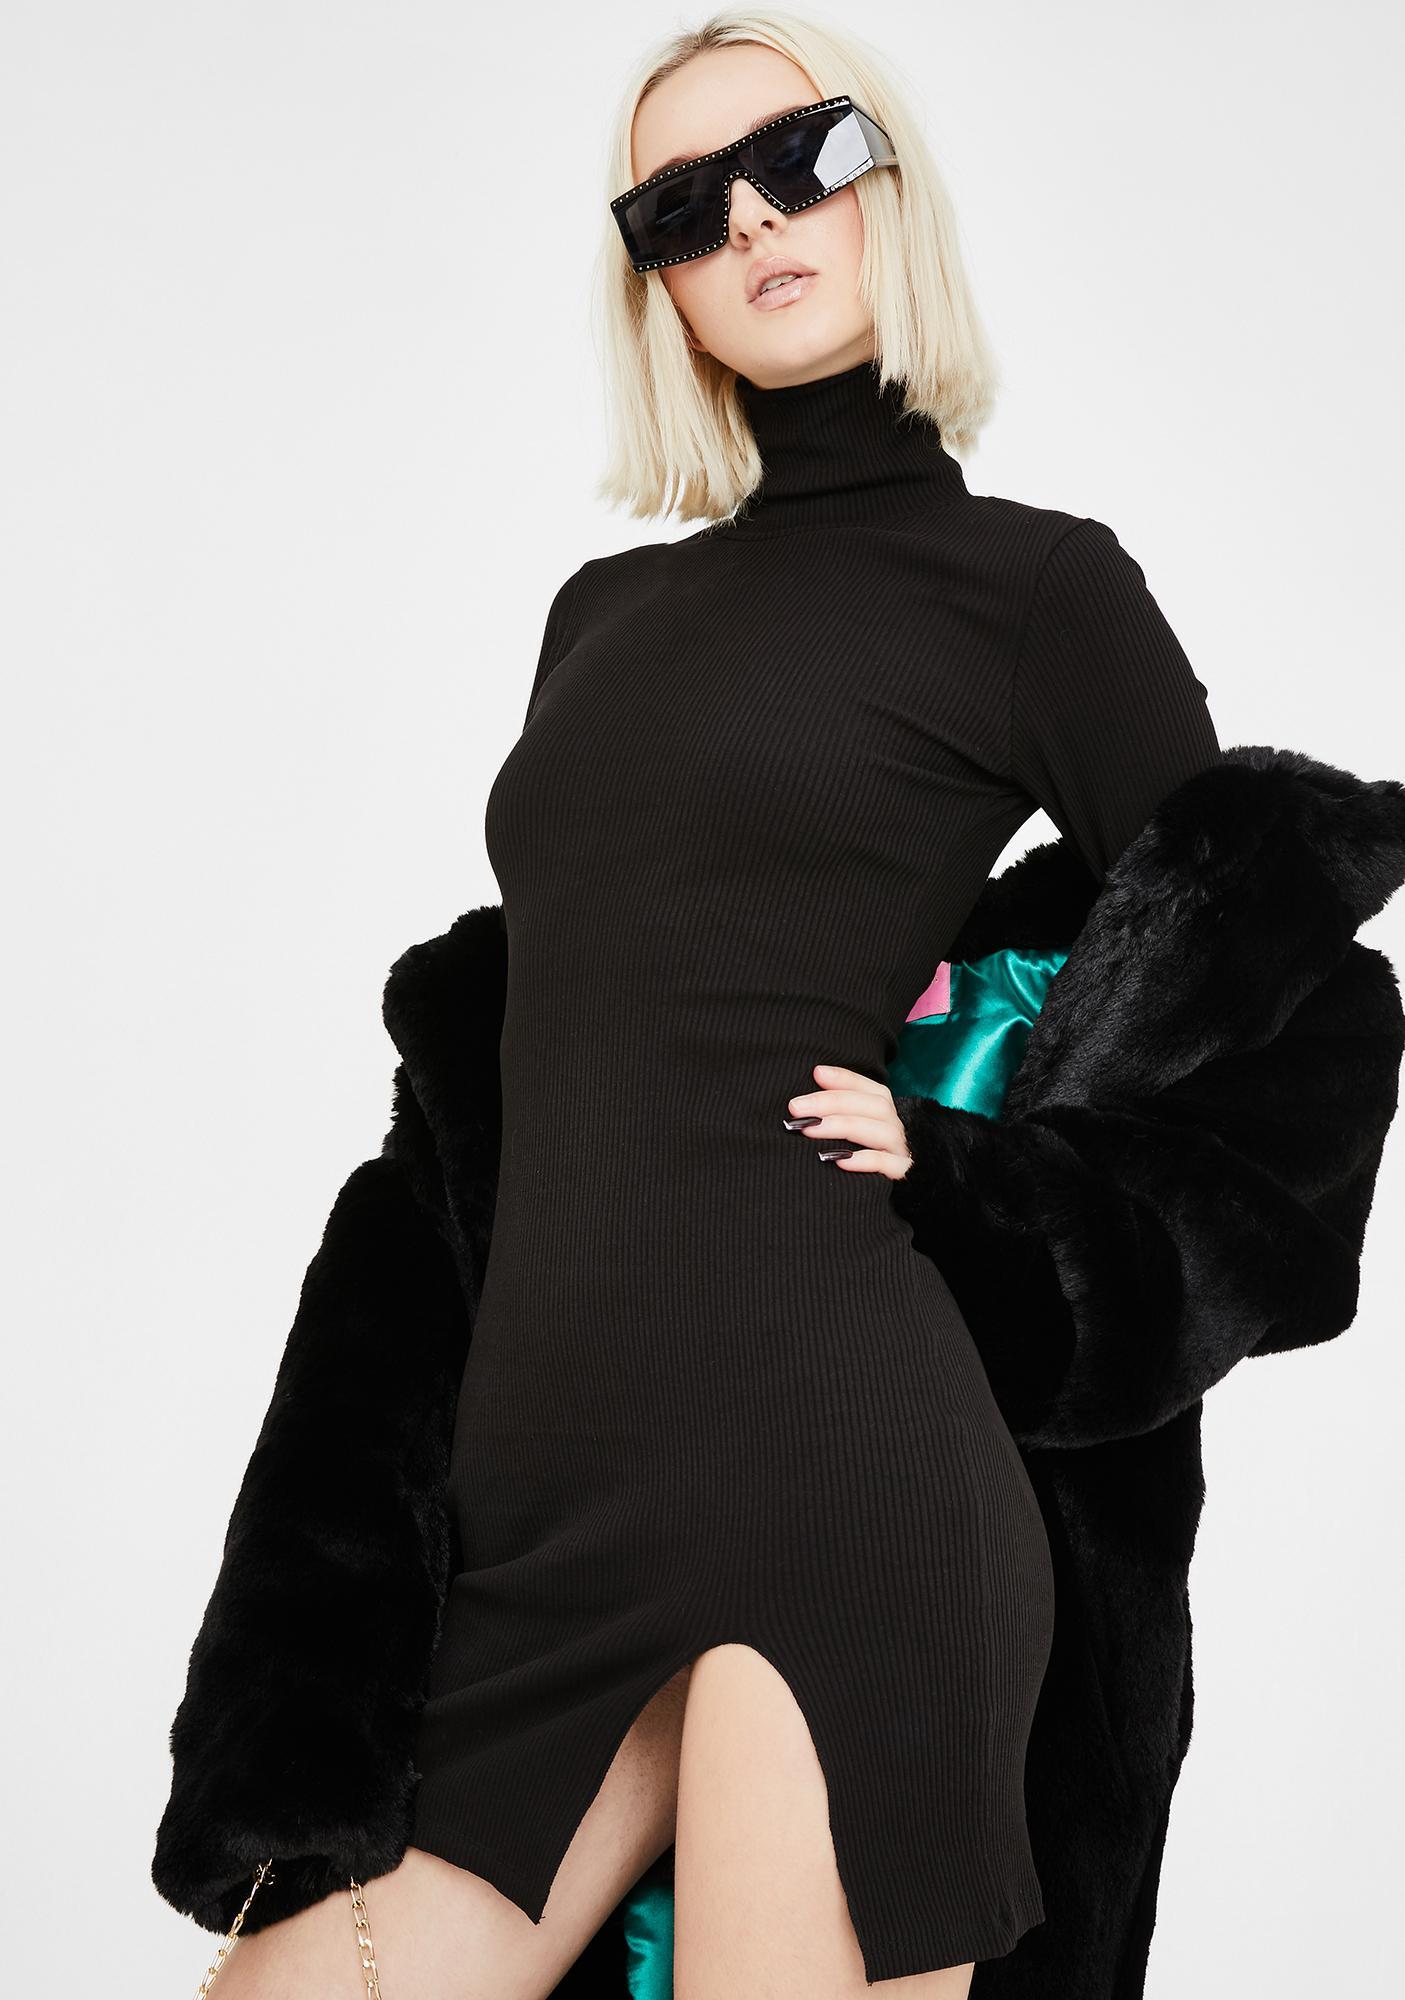 Kiki Riki Face The Facts Mini Dress